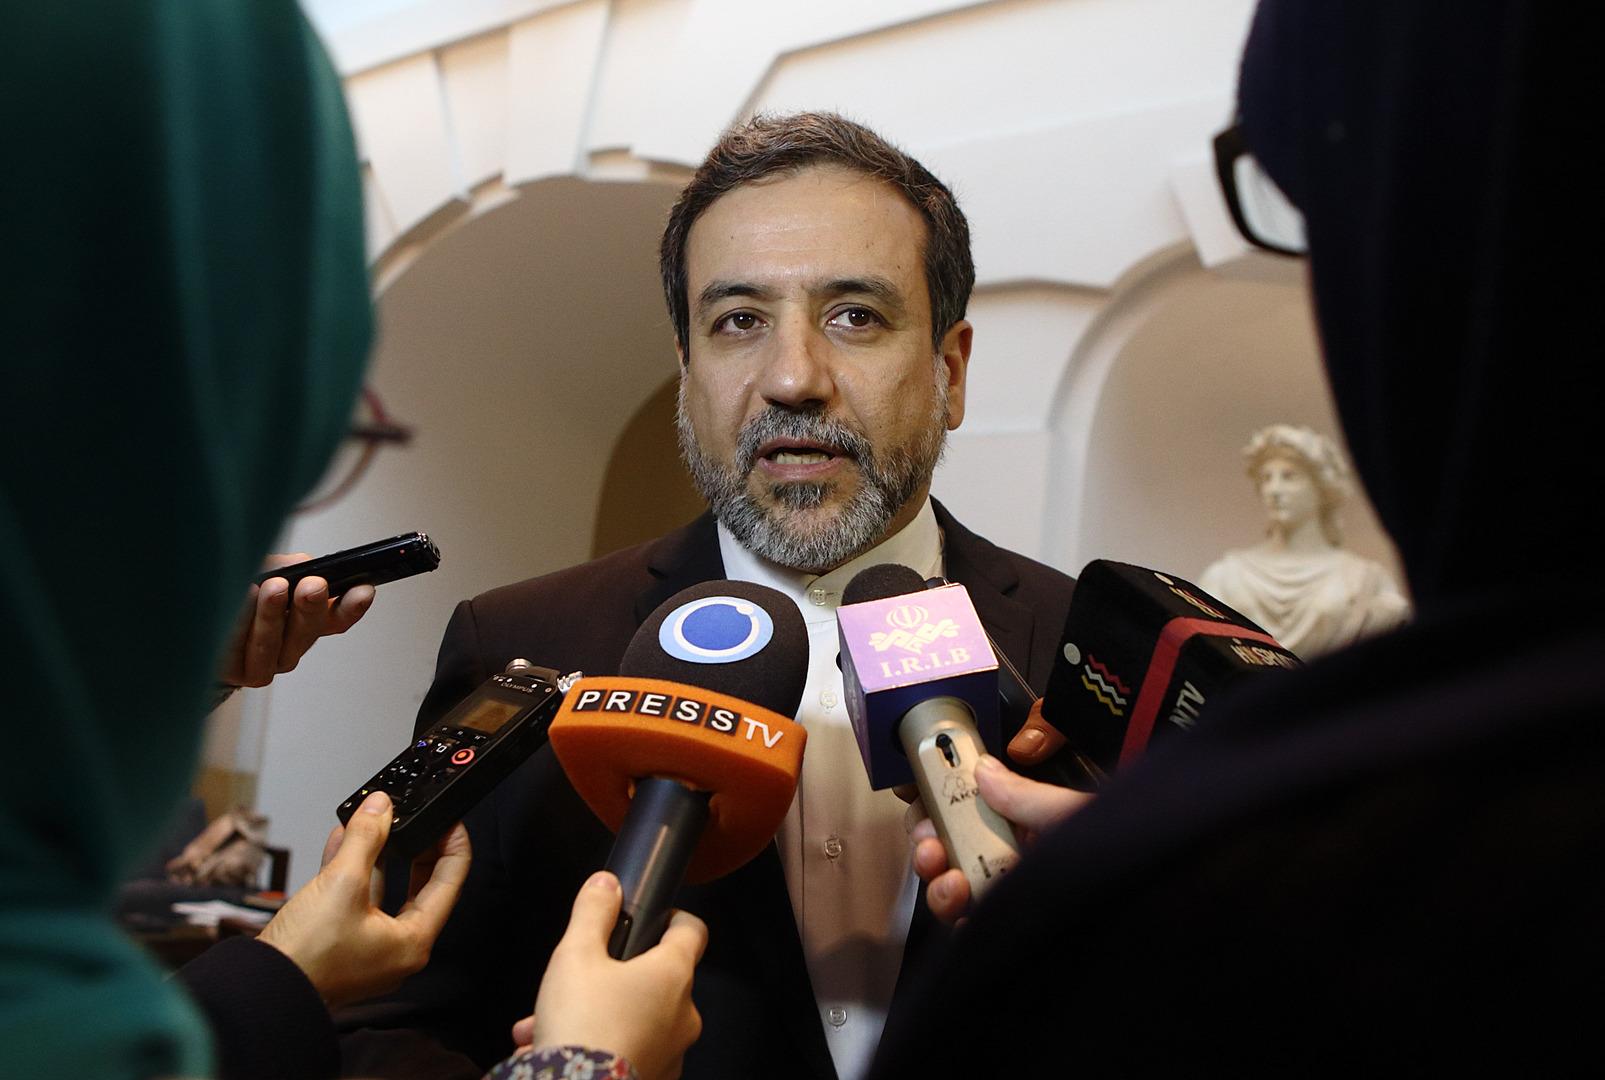 إيران عن مباحثات فيينا: أجرينا مفاوضات بما فيه الكفاية وحان وقت اتخاذ القرارات